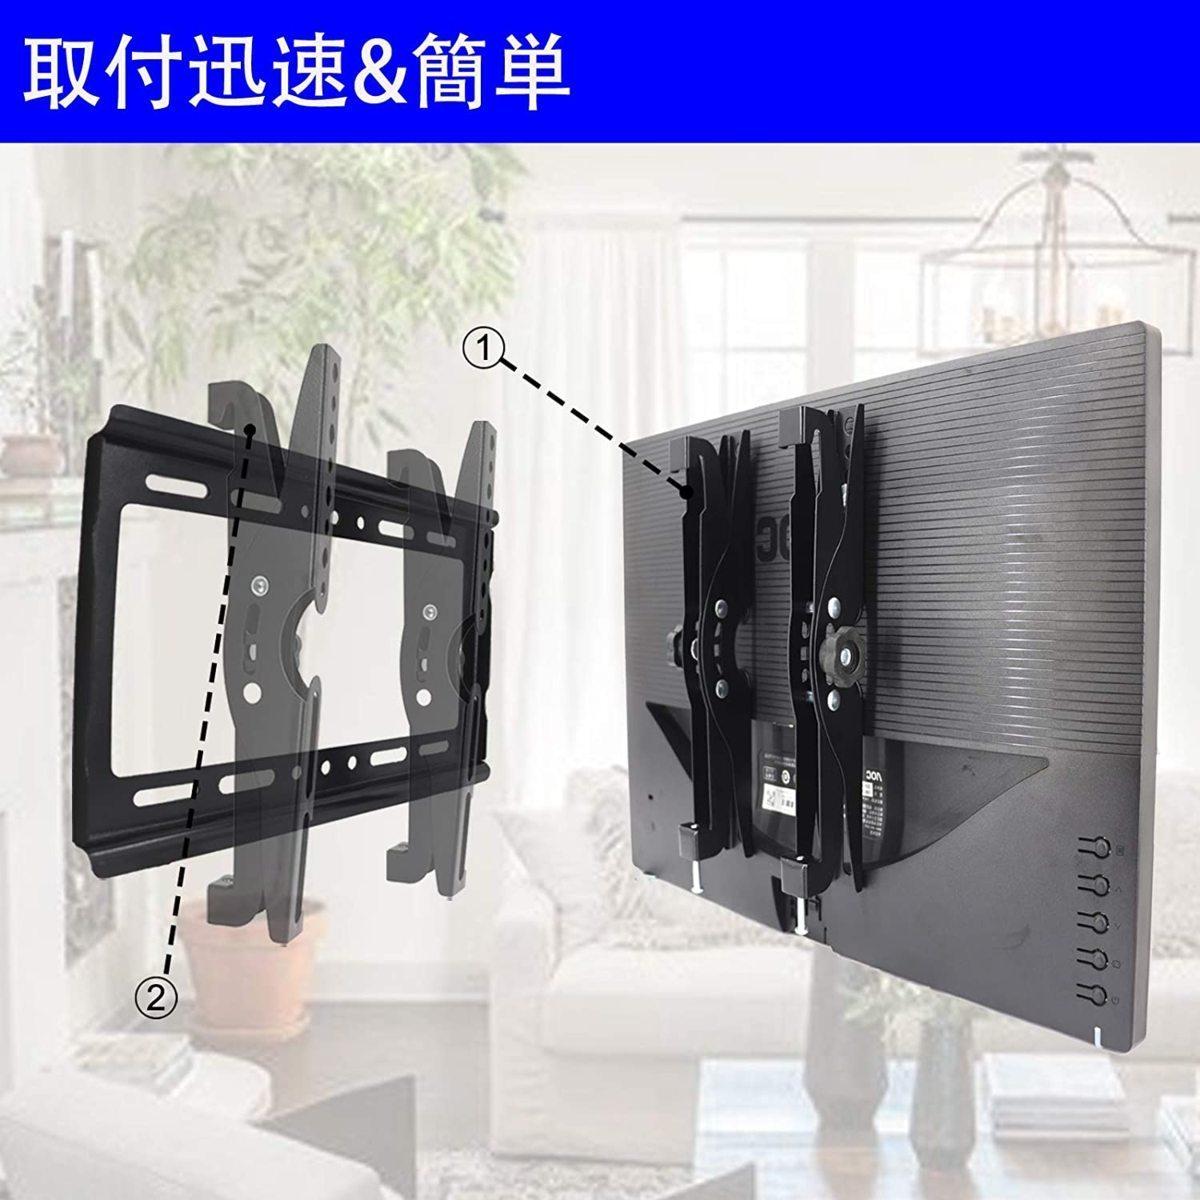 【特価品】在庫限り/テレビ 壁掛け 金具 14~42インチ LED 液晶 テレビ台 対応 左右 移動式 角度 調節 最大耐荷重25KG 壁掛けテレビ 未使用_画像3